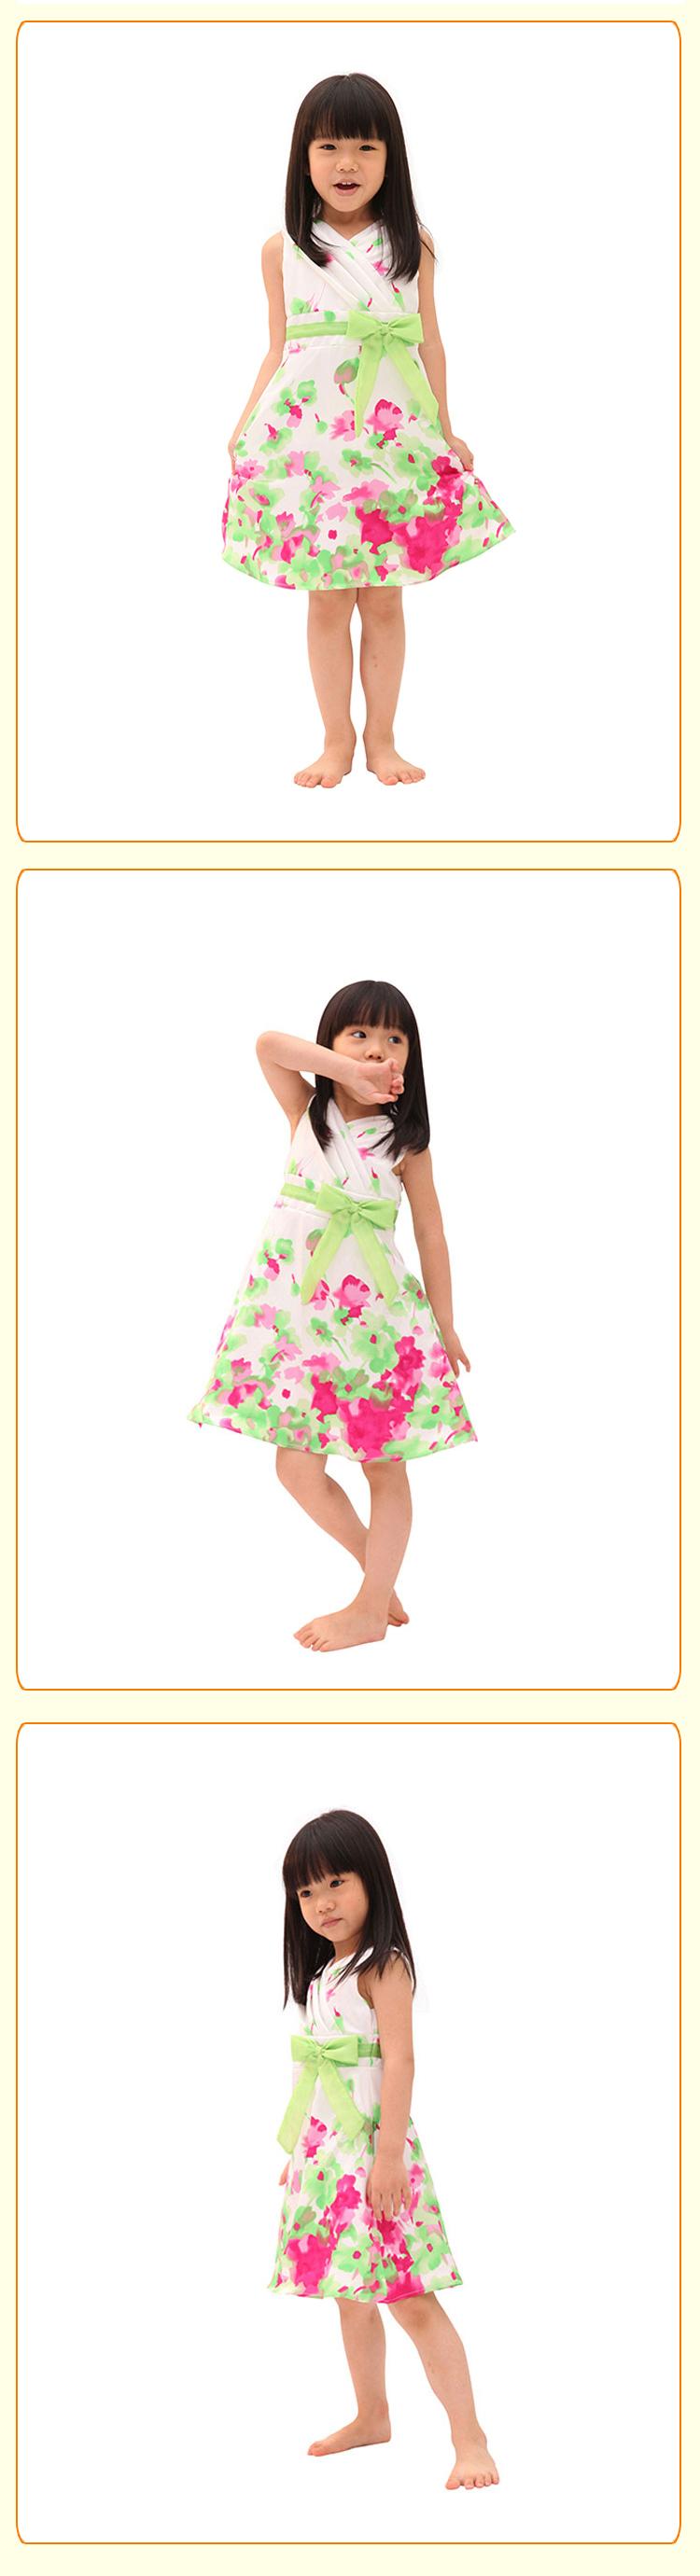 蝴蝶结甜美可爱公主连衣裙